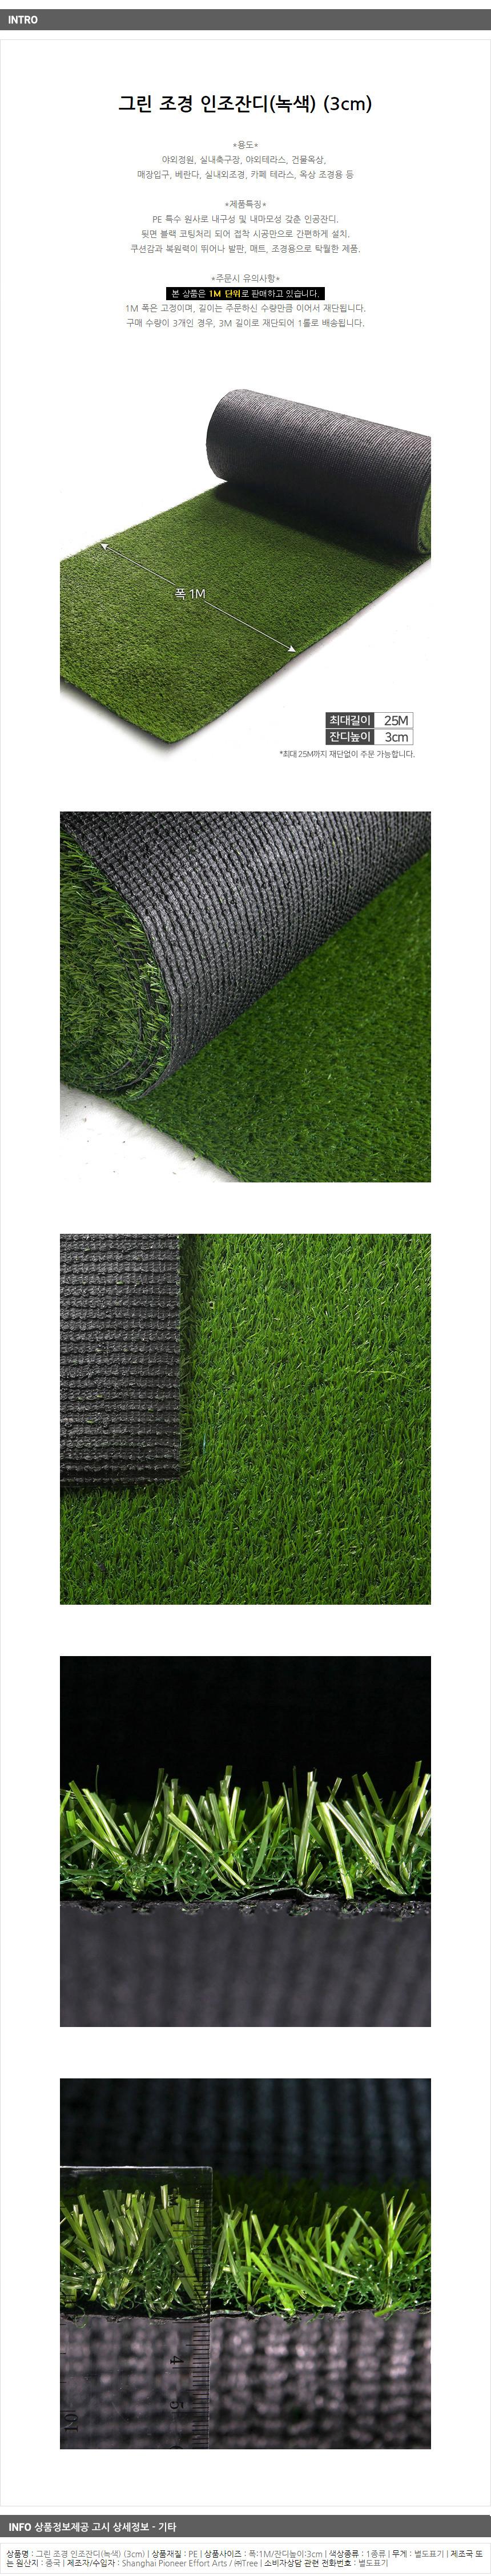 인공잔디(3cm)/바닥용 잔디매트 조경용잔디 - 기프트갓, 25,480원, 장식/부자재, 바닥장식